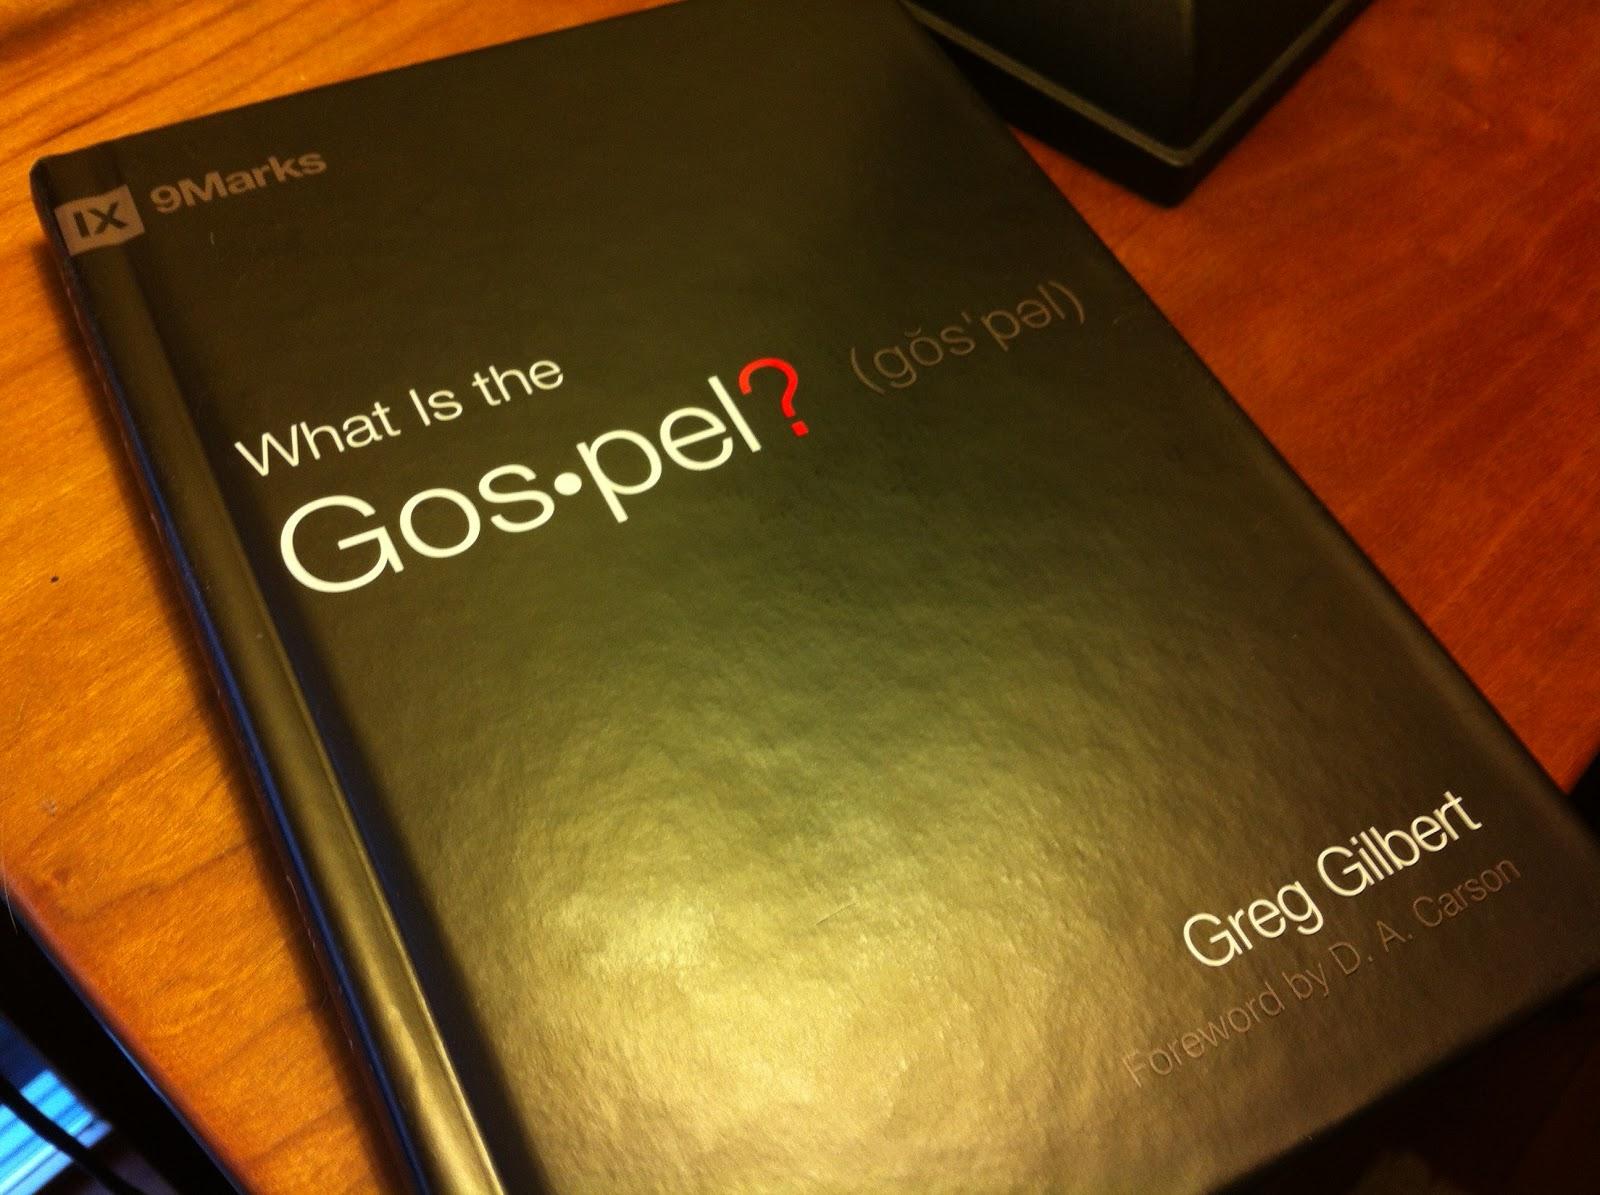 Greg gilbert what is the gospel